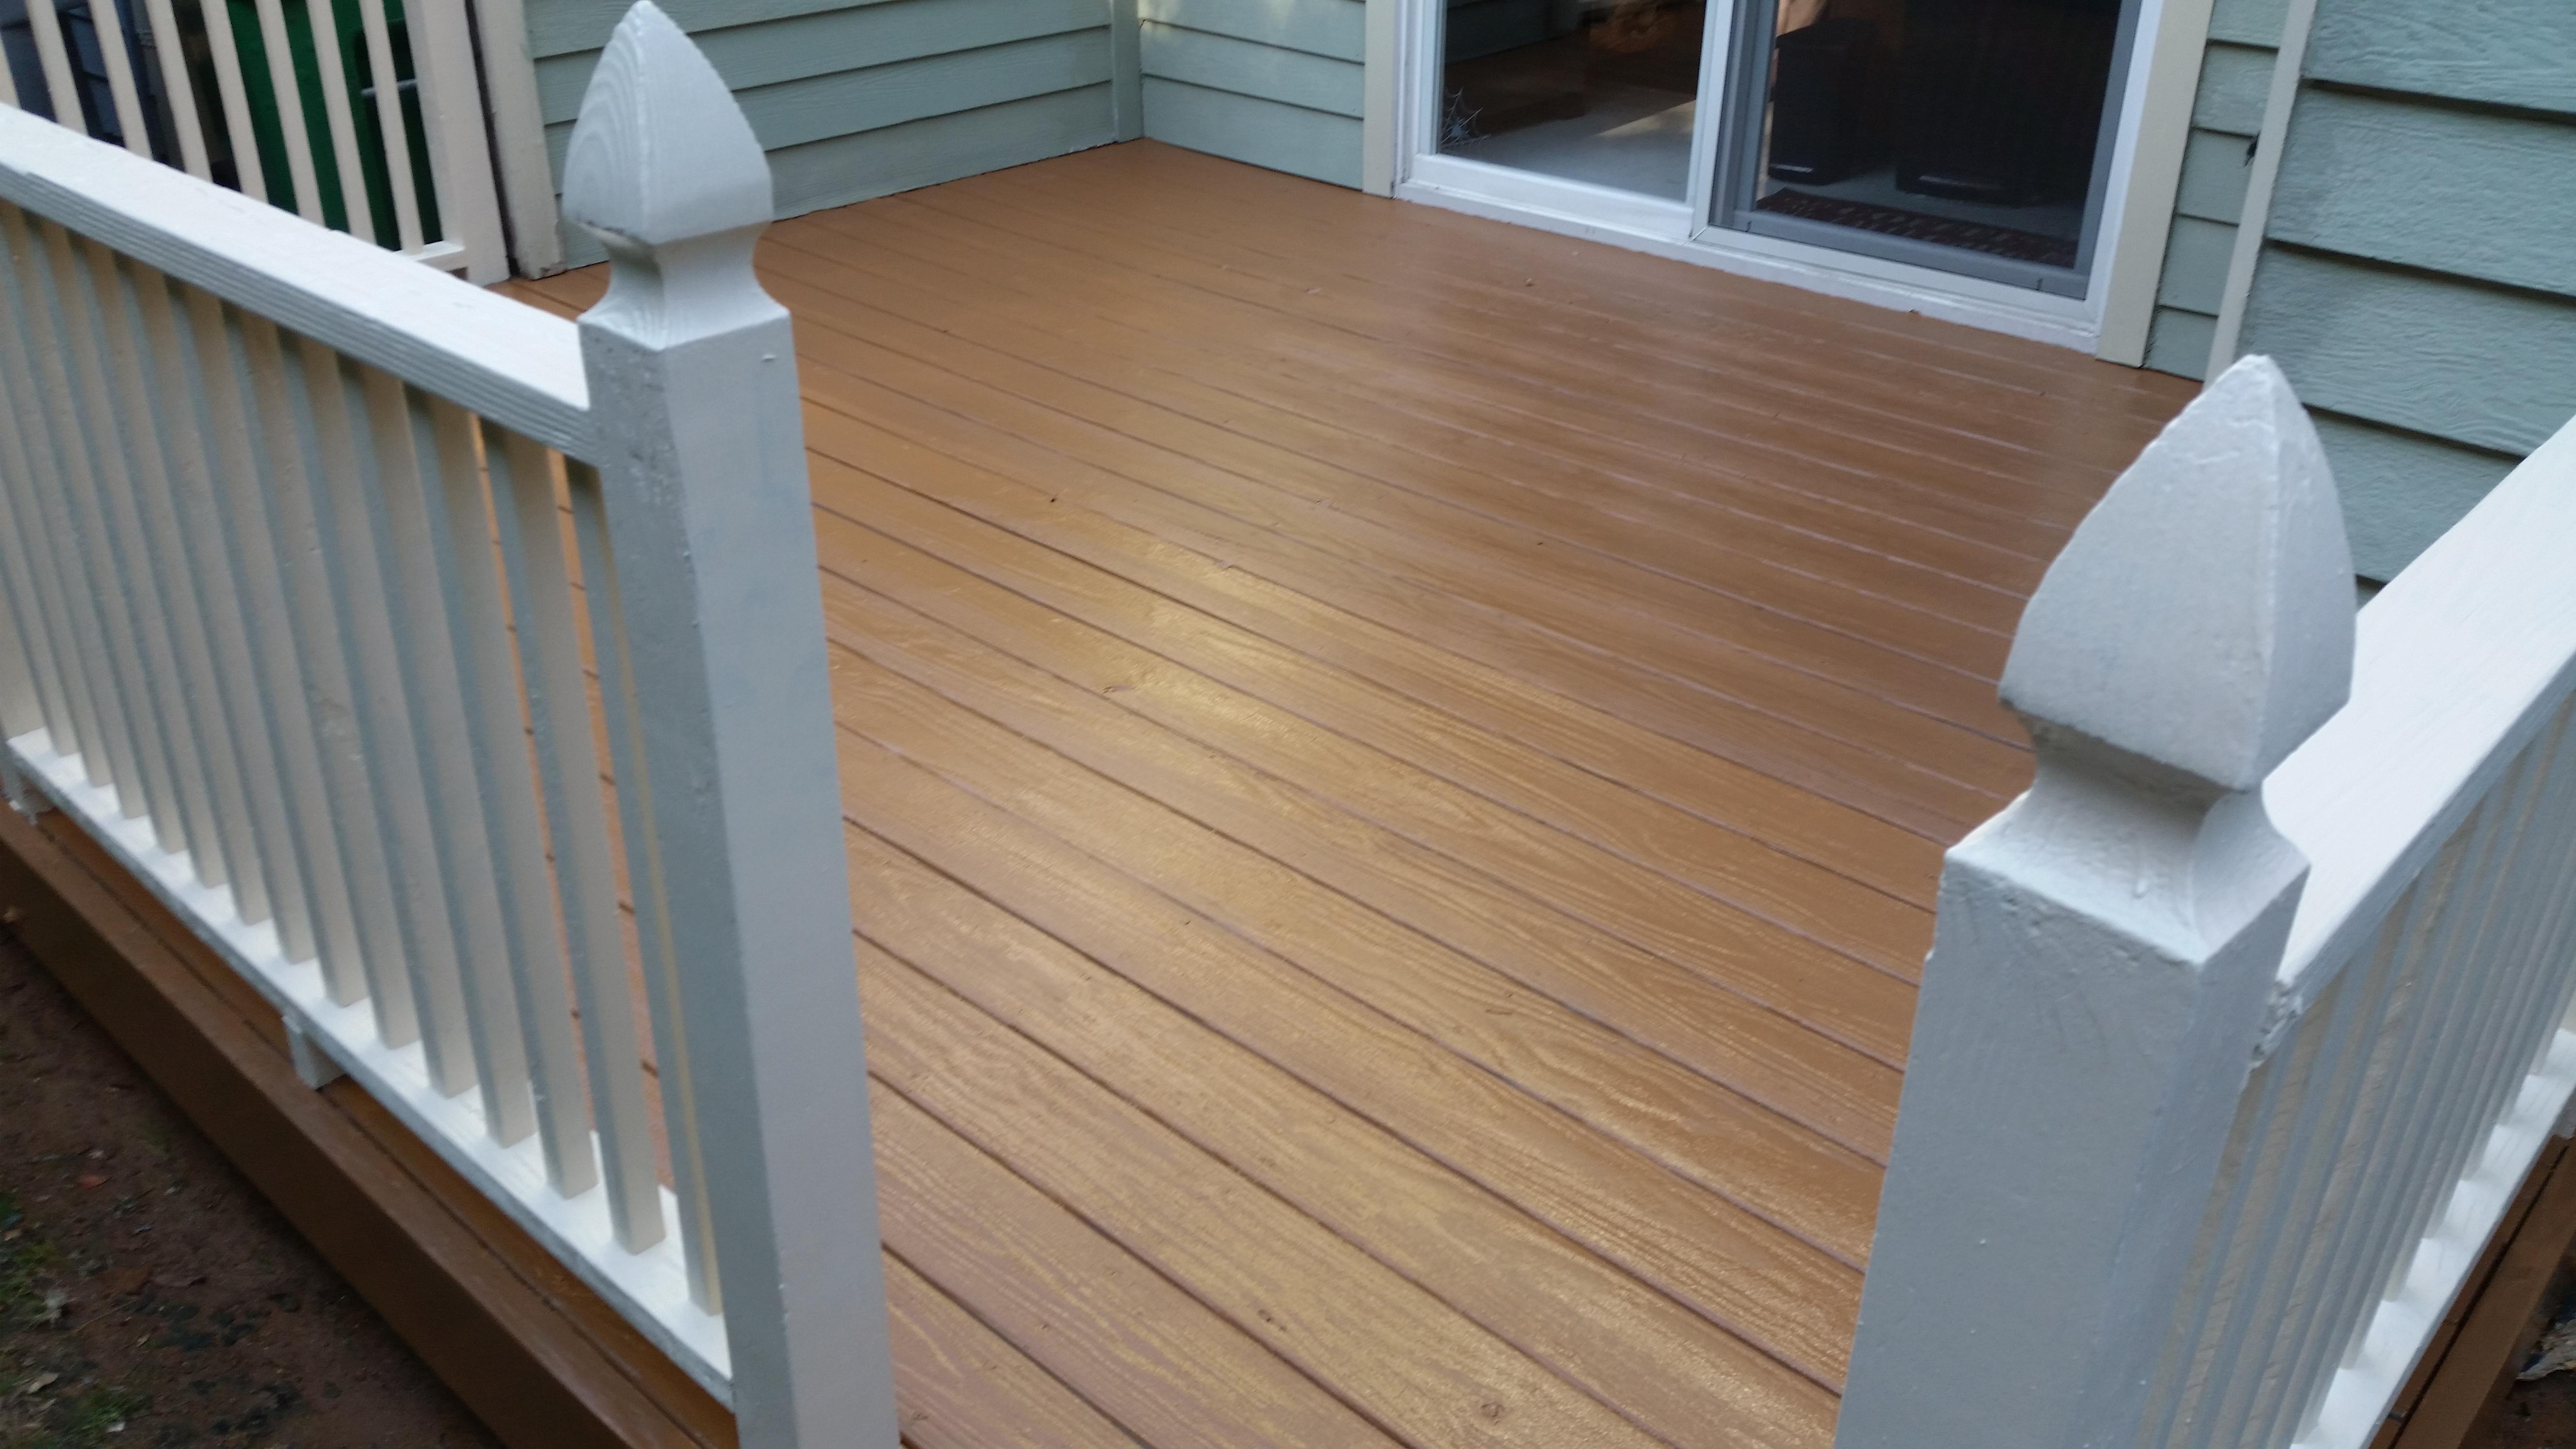 Deck after restoration